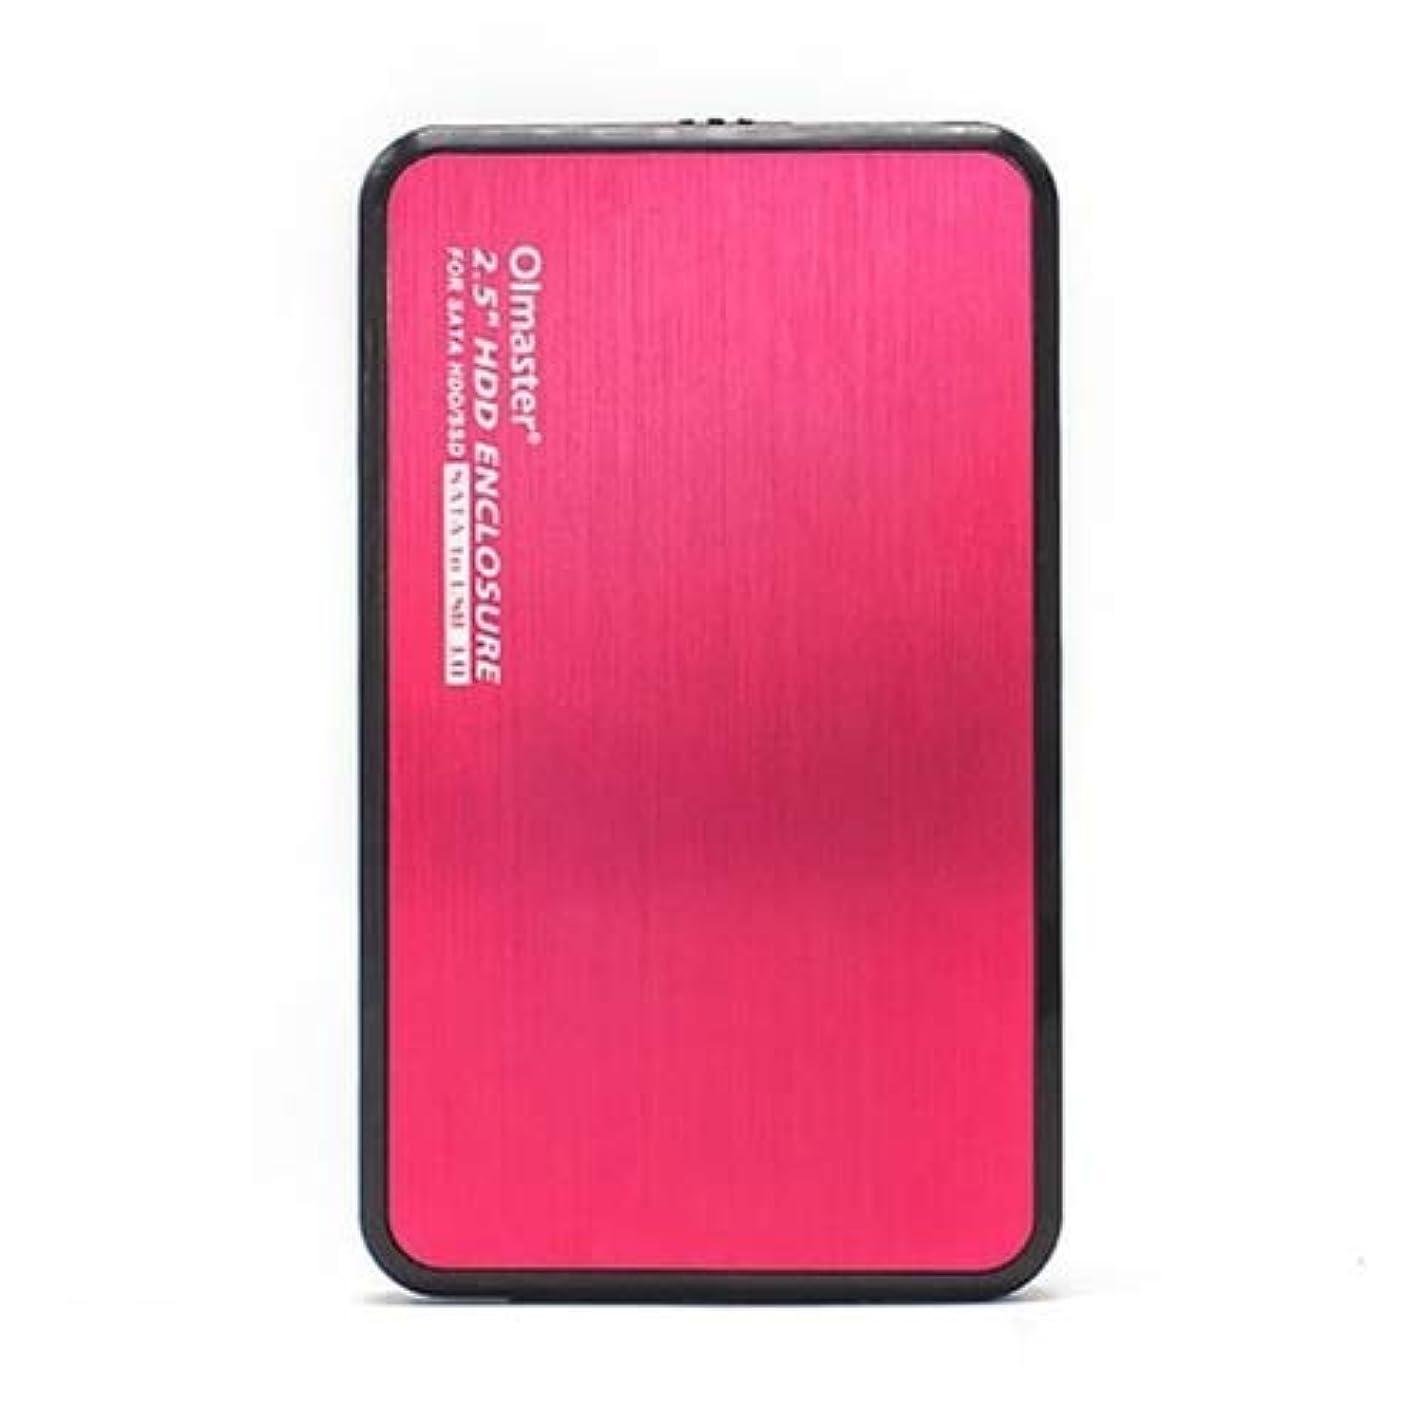 固執果てしないアッティカスHDDエンクロージャ スタイリッシュでコンパクト、持ち運びに便利な7.0?12.5ミリメートル(ブラック)、:ラップトップ用EB-2506U3 SATA USB 3.0インターフェイスアルミパネルのHDDケース、サポートの厚さ。 (Color : Red)